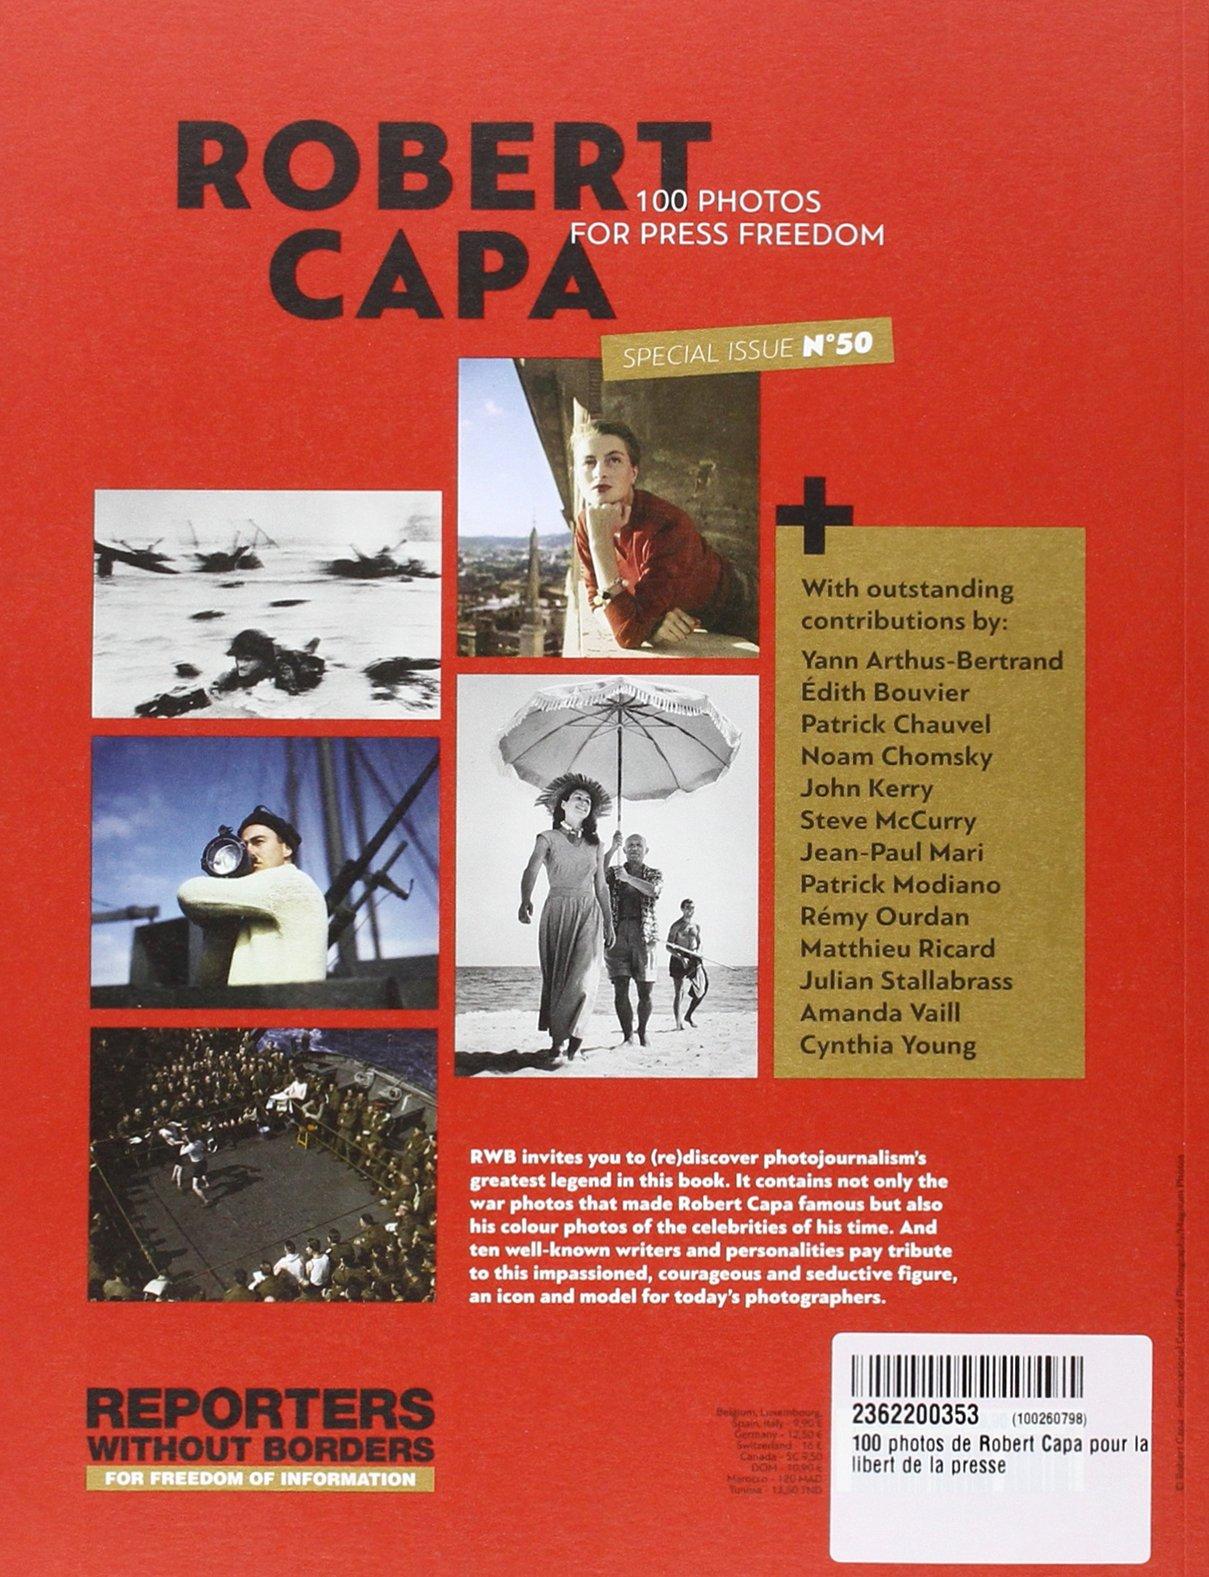 Amazon.fr - 100 photos de Robert Capa pour la liberté de la presse -  spécial numéro 50 - - Reporters sans front, Robert Capa - Livres